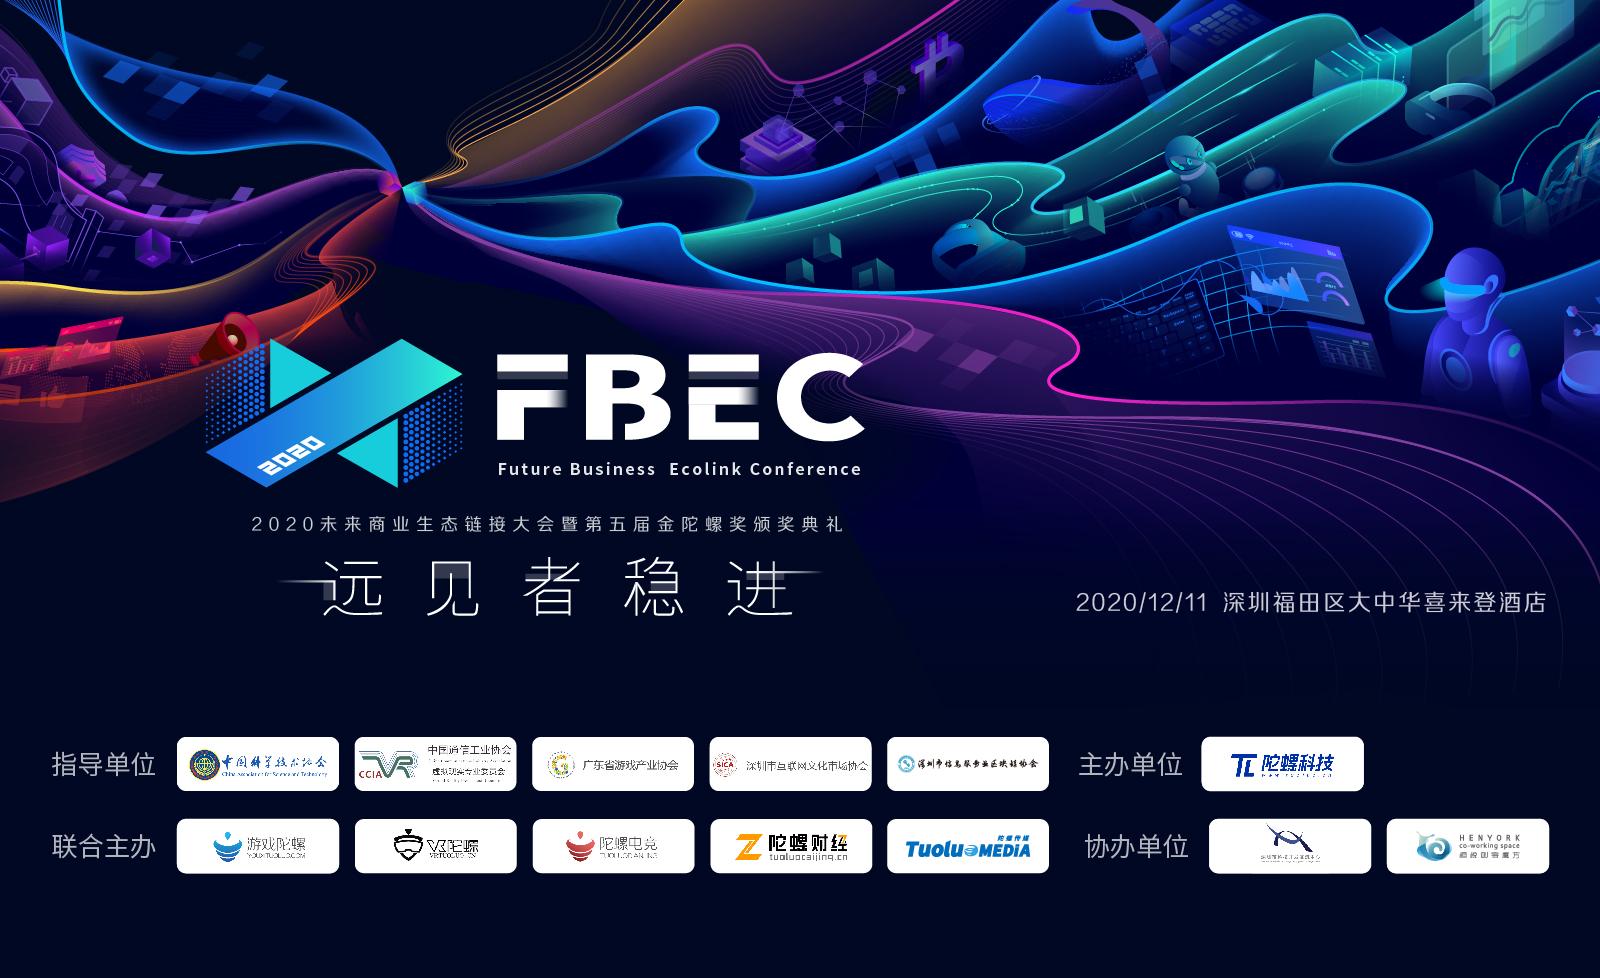 中国通信工业协会虚拟现实专业委员会作为指导单位支持FBEC大会召开【FBEC2020】